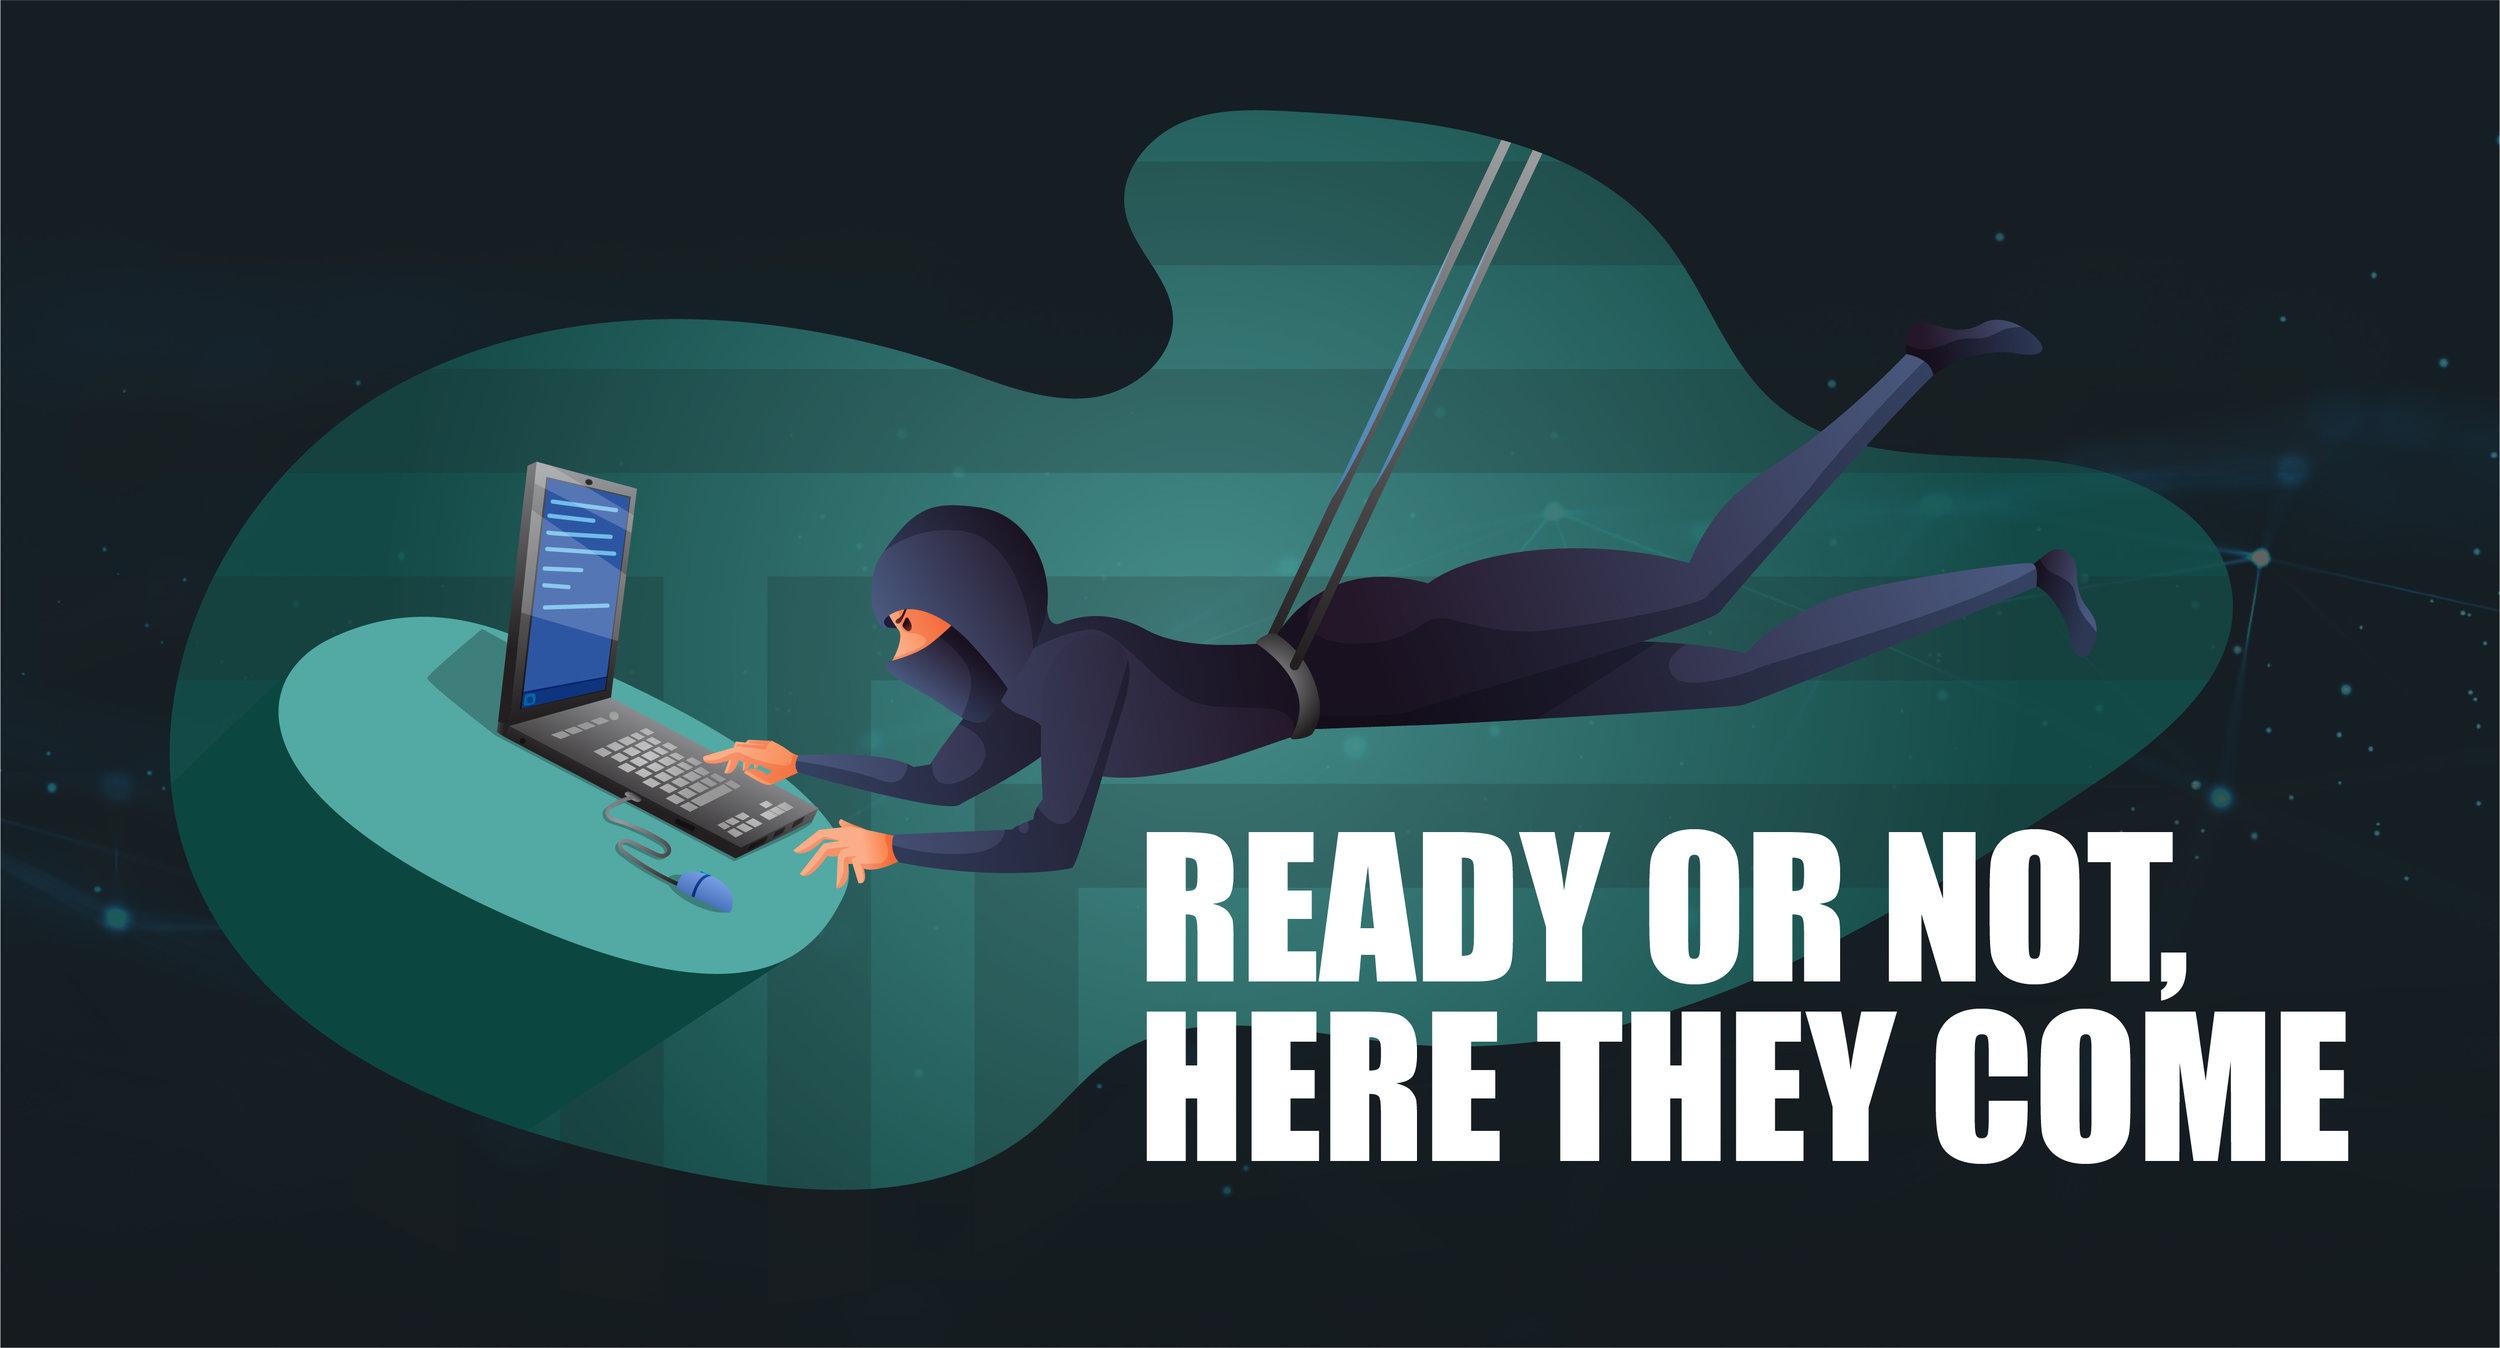 TierOne-Cyber-Attacks-Exploration-02.jpg